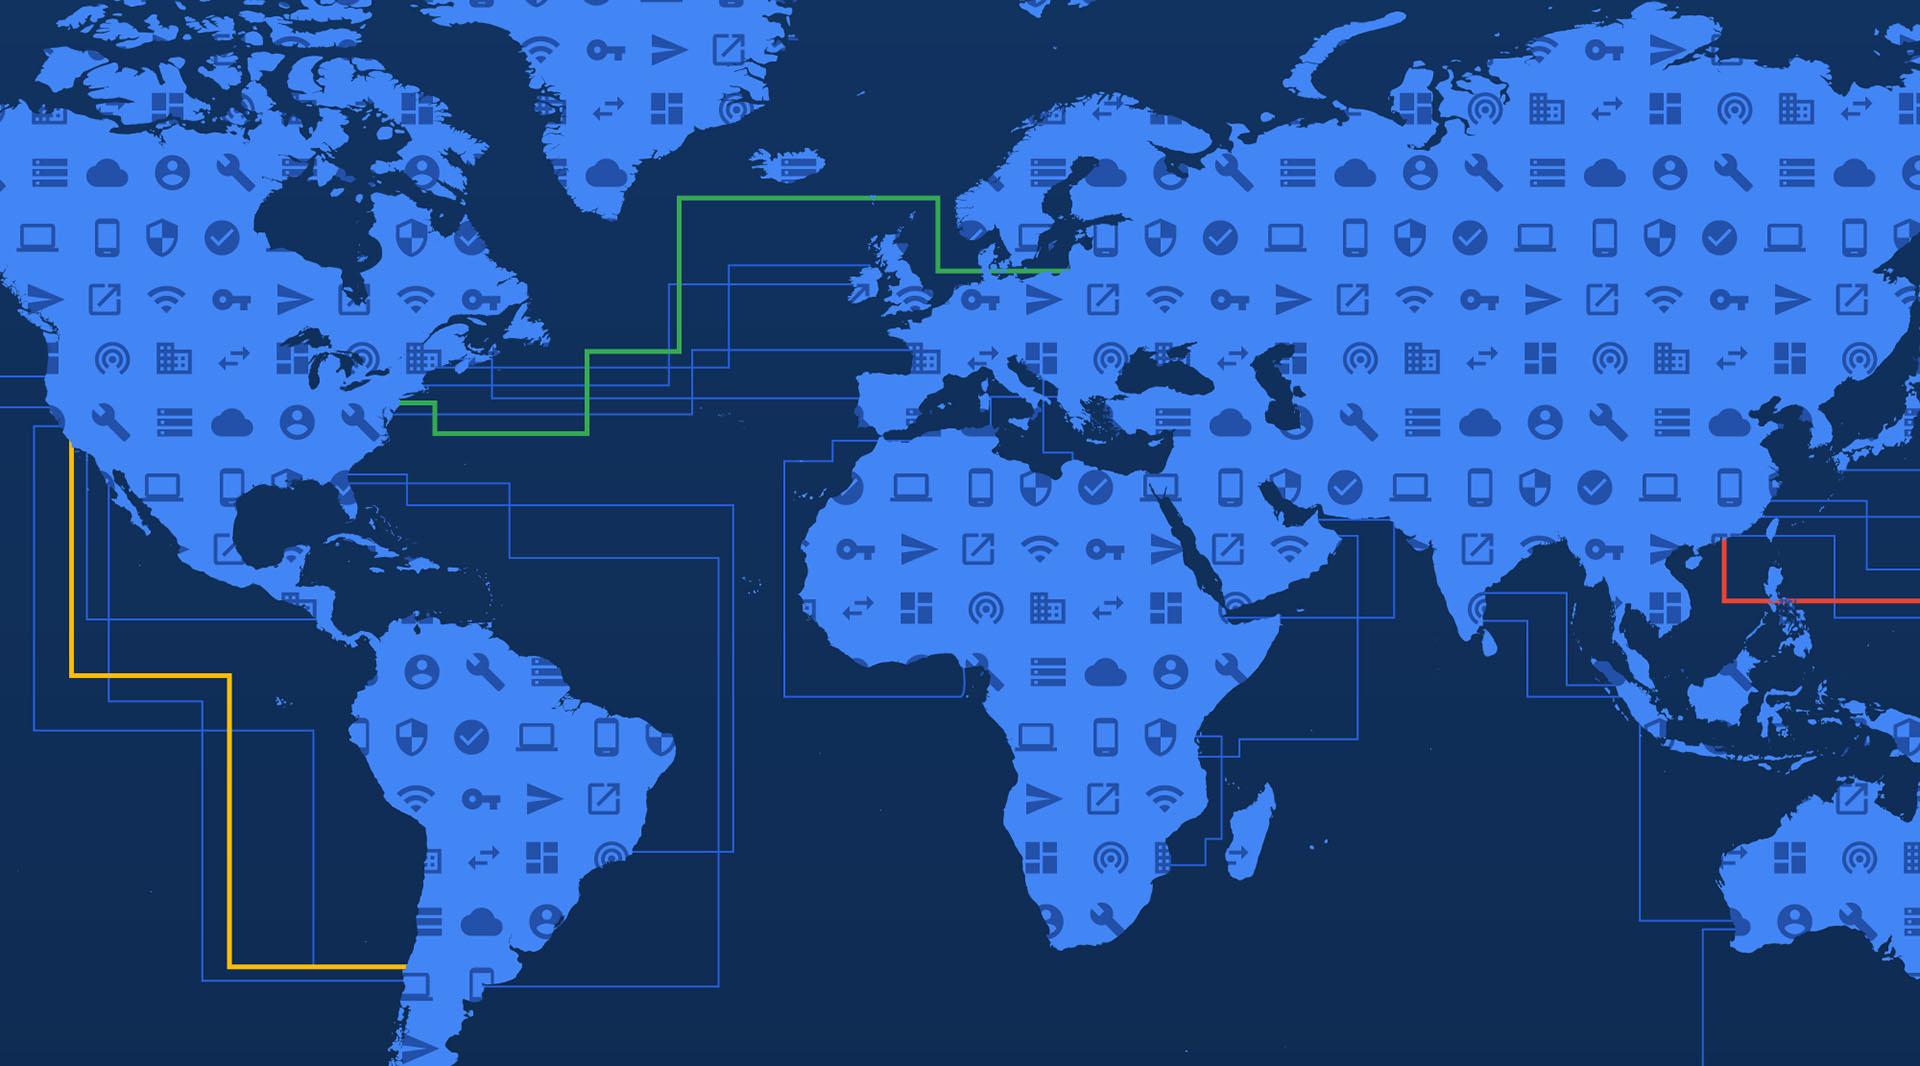 Un tout nouveau câble sous-marin entre les USA et la France a été mis en service - Numerama